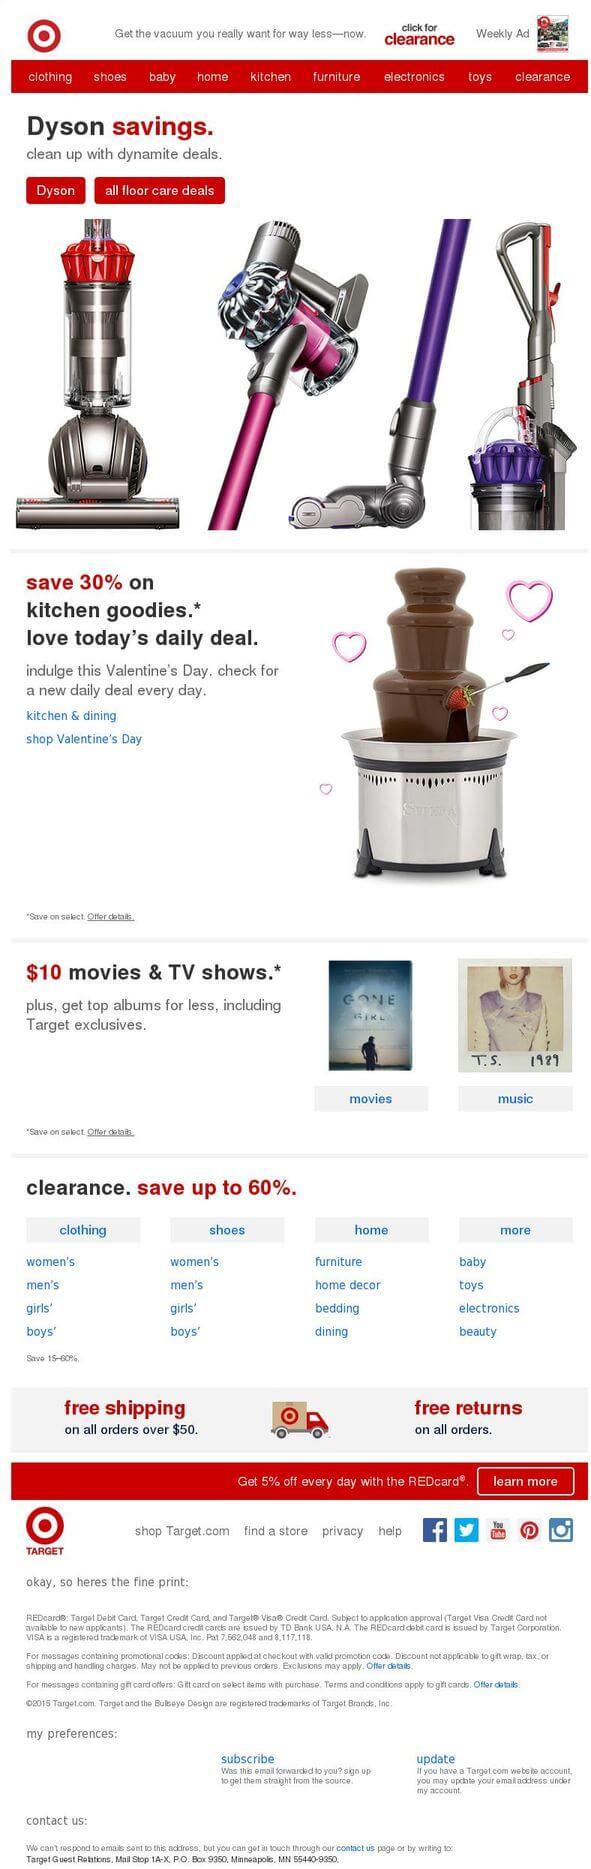 Email design inspiration- Target